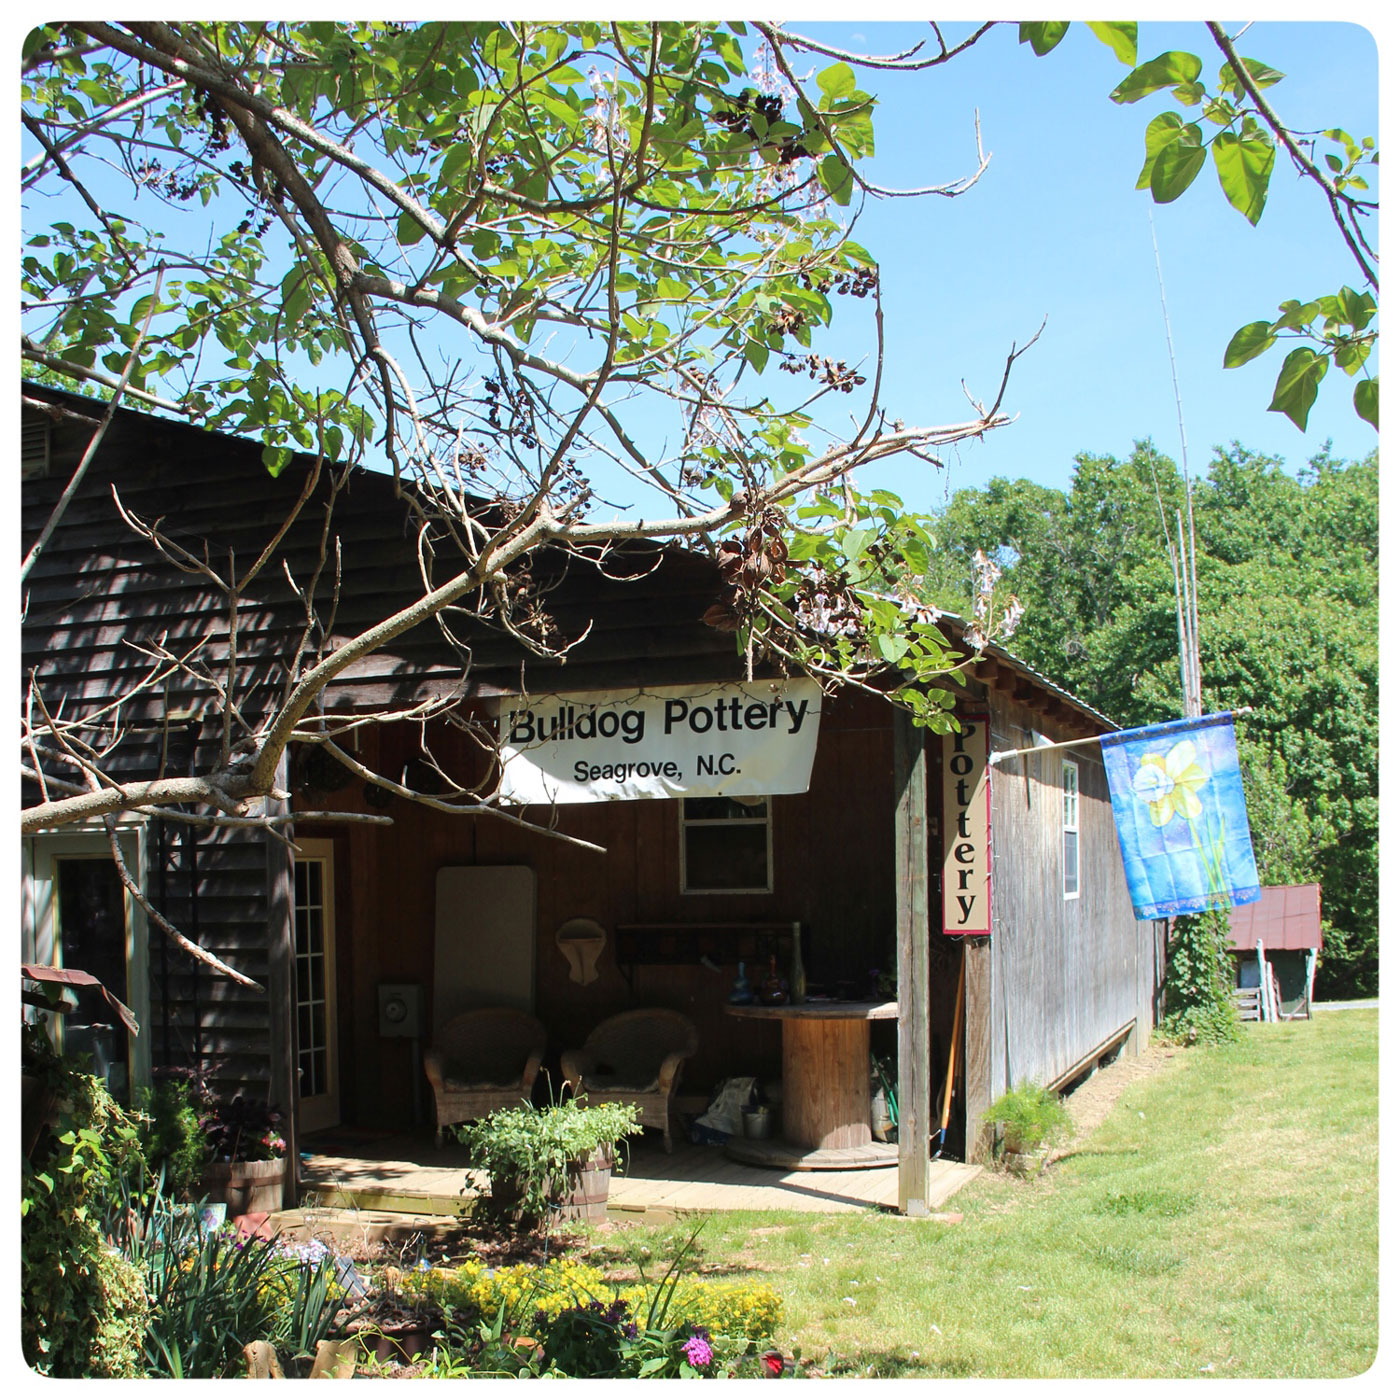 Bulldog Pottery shop, a contemporary Seagrove Pottery, in North Carolina